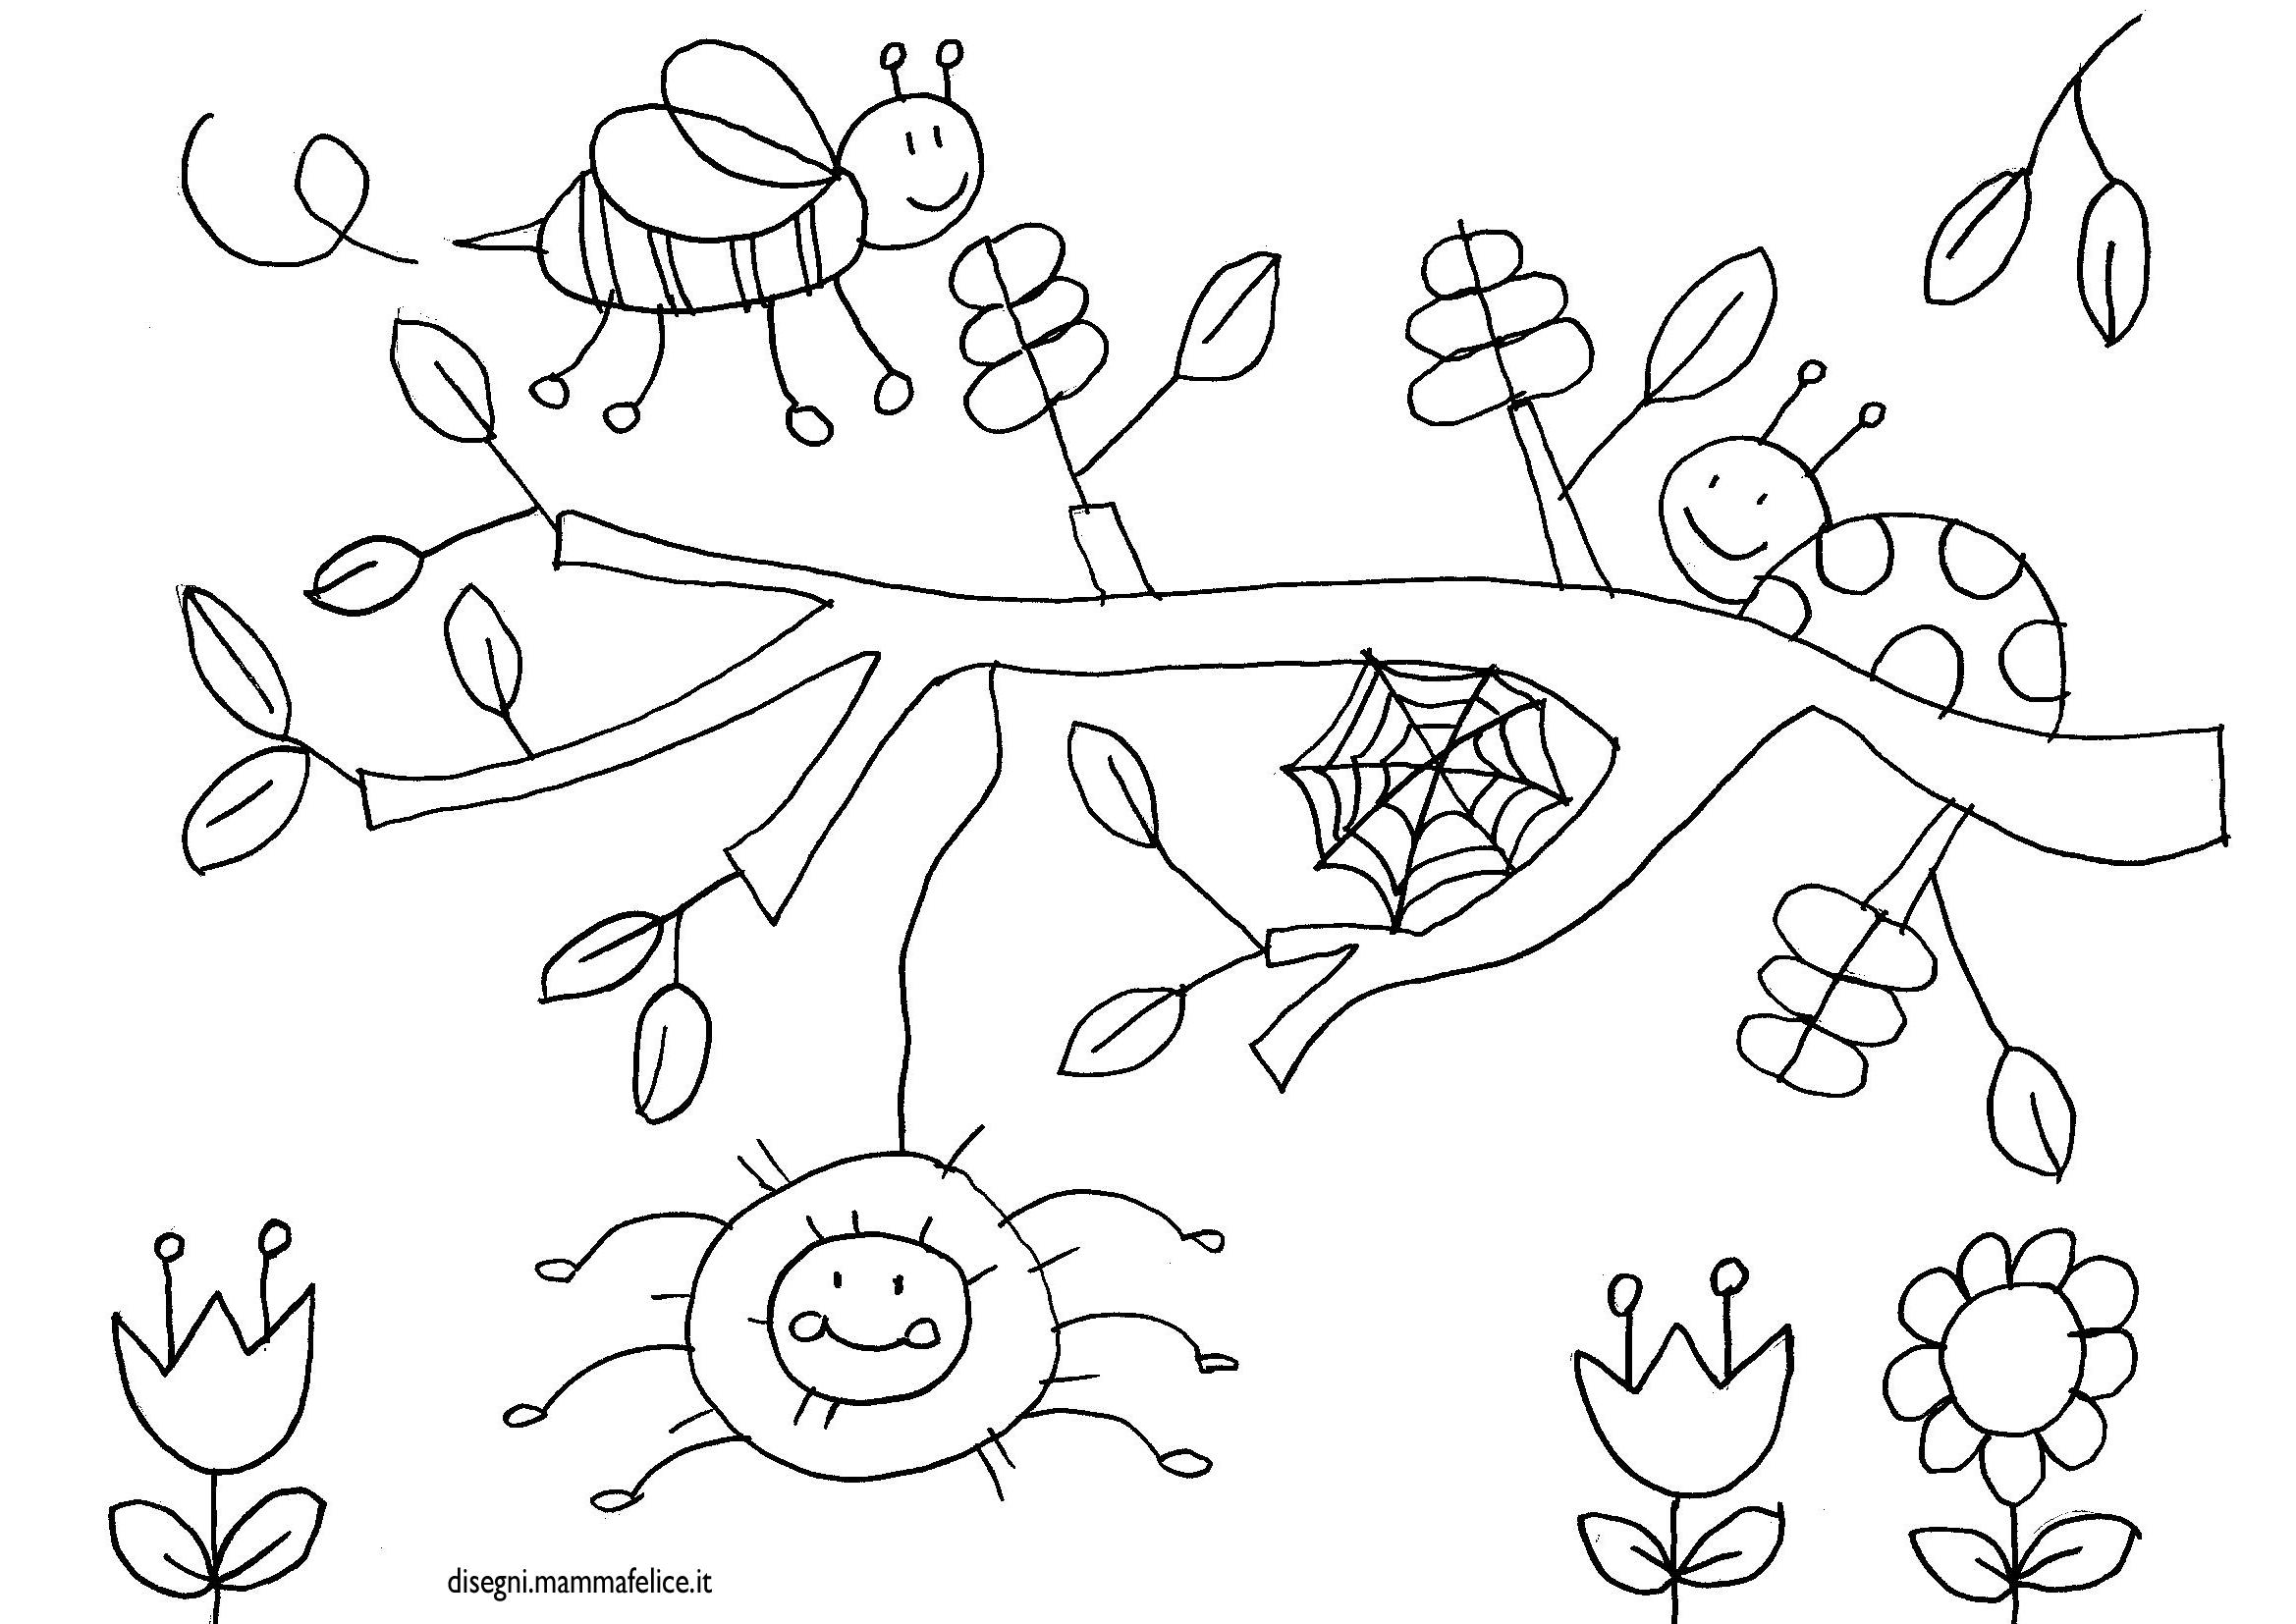 Pagine Da Colorare Per Bambini Da 2 A 3 Anni Scarica O: Disegno Ape, Ragno E Coccinella